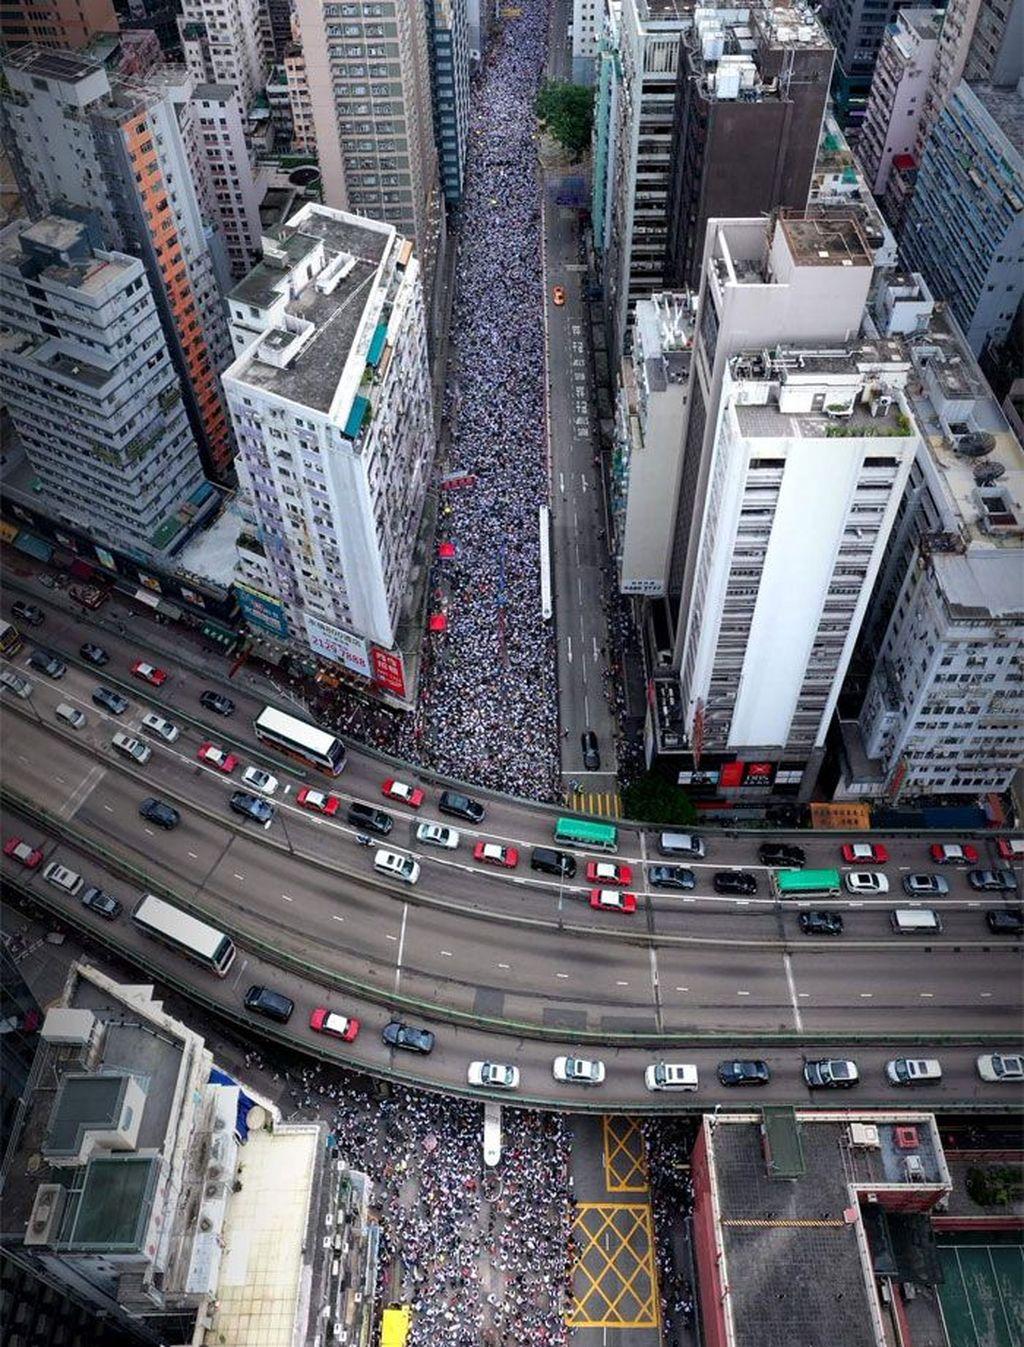 Diperkirakan ada2 jutaan warga turun ke jalanan. Aksi demo diketahui bahwa RUU ekstradisi yang diprotes warga Hong Kong itu akan mengizinkan ekstradisi ke setiap yurisdiksi yang sebelumnya tidak memiliki perjanjian ekstradisi dengan Hong Kong, termasuk China daratan. (Foto: Boredpanda)